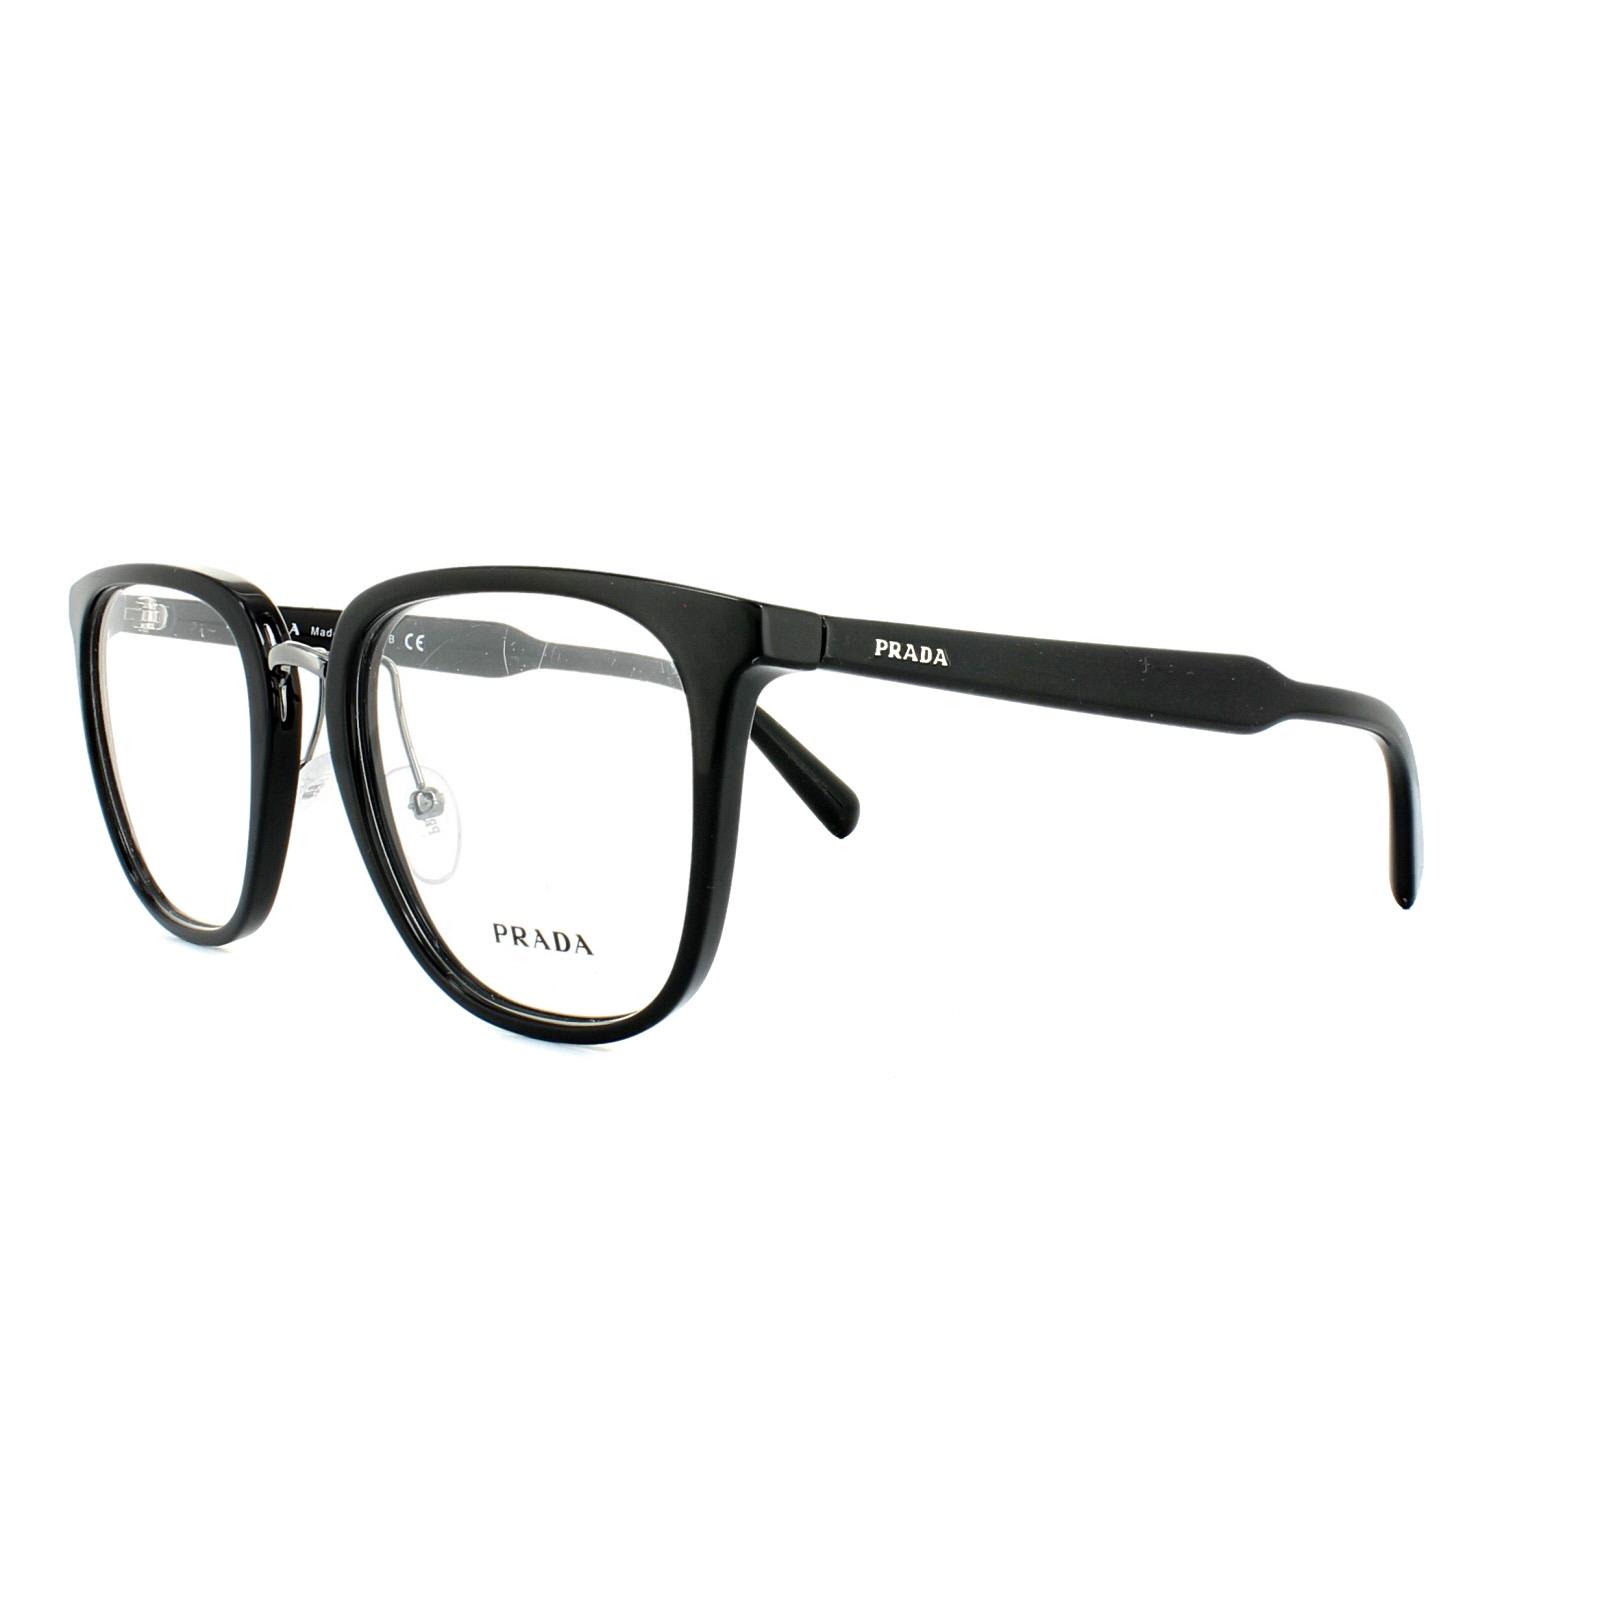 33451e5898e Cheap Prada PR 10TV Glasses Frames - Discounted Sunglasses